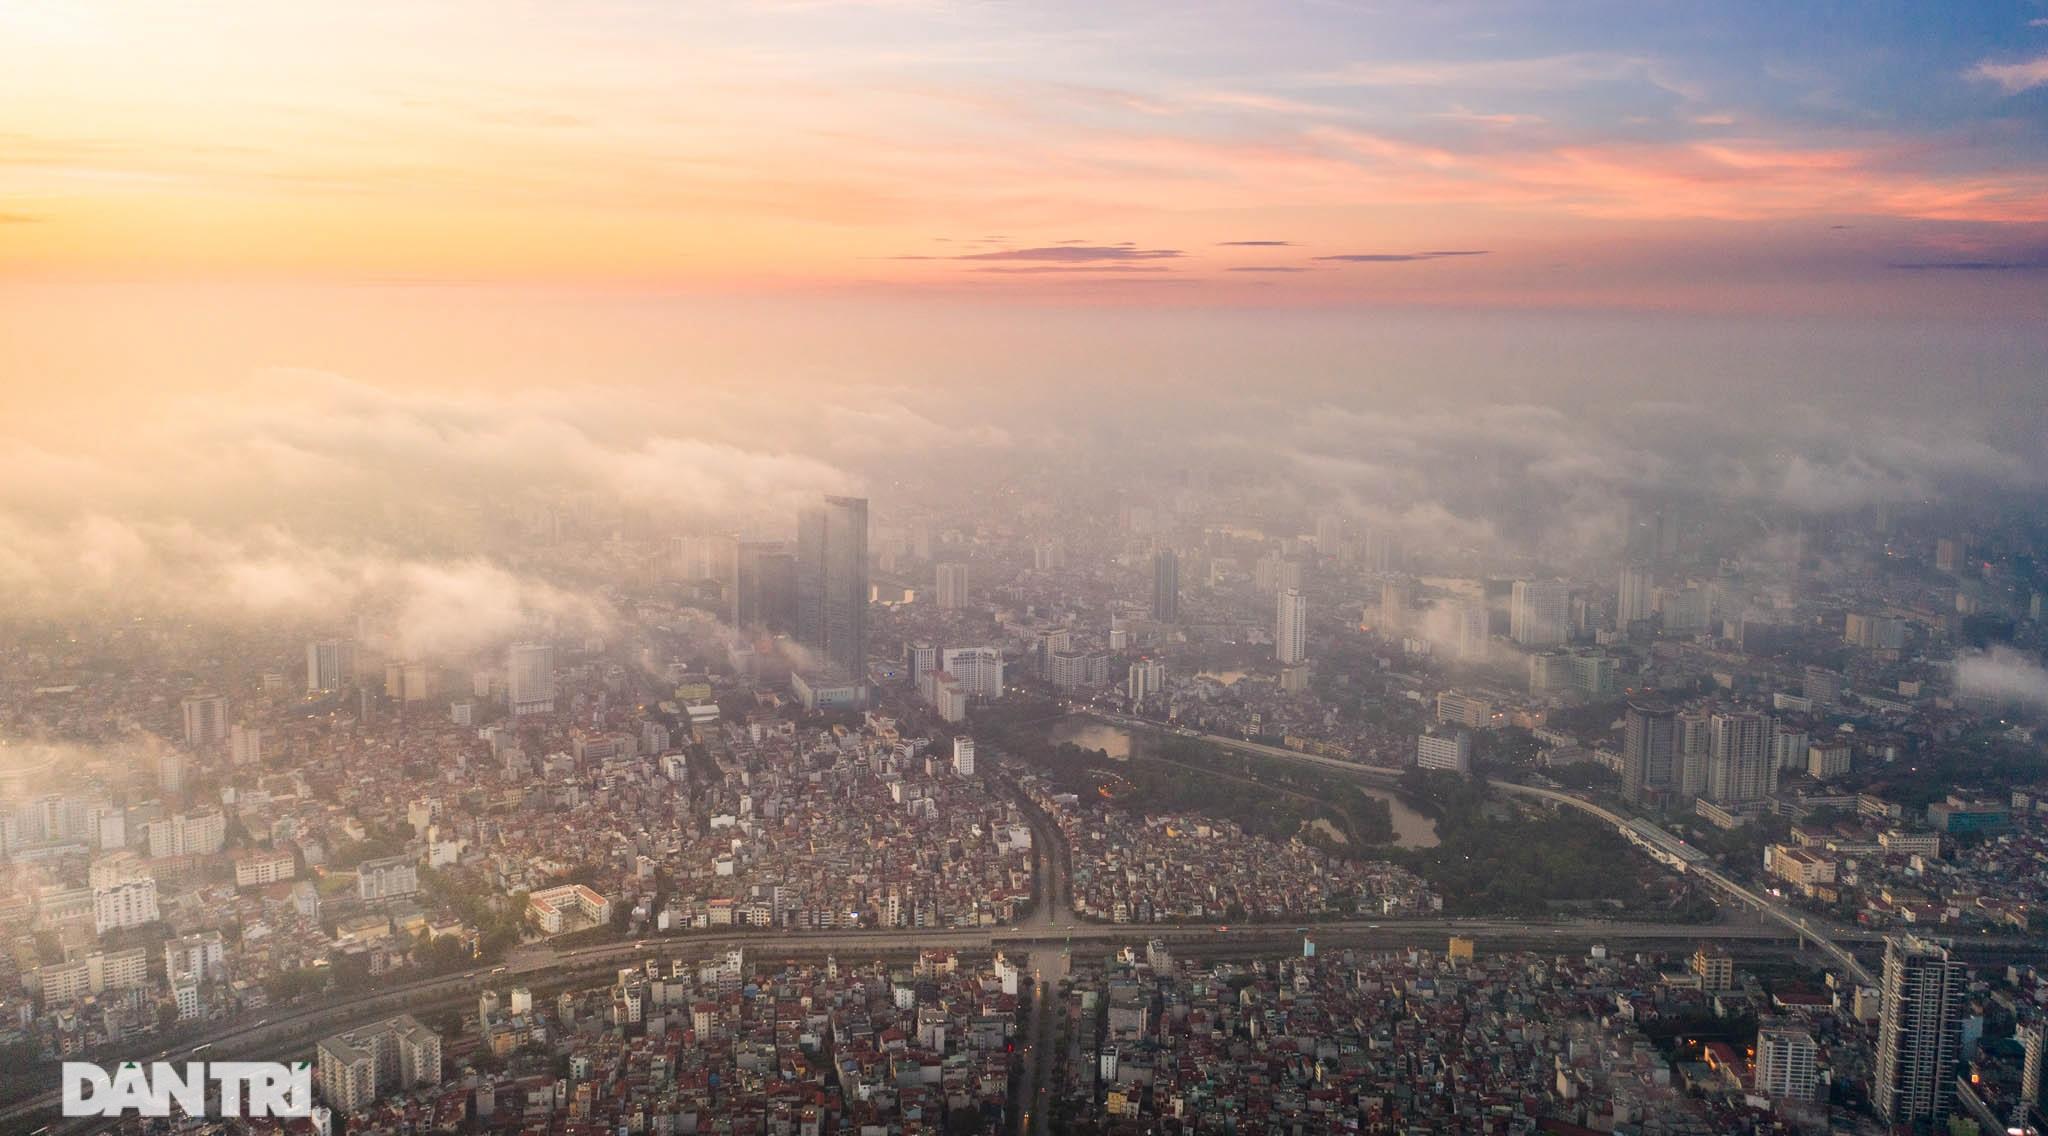 Vẻ đẹp của một Hà Nội hiện đại, sôi động nhìn từ trong mây - 13